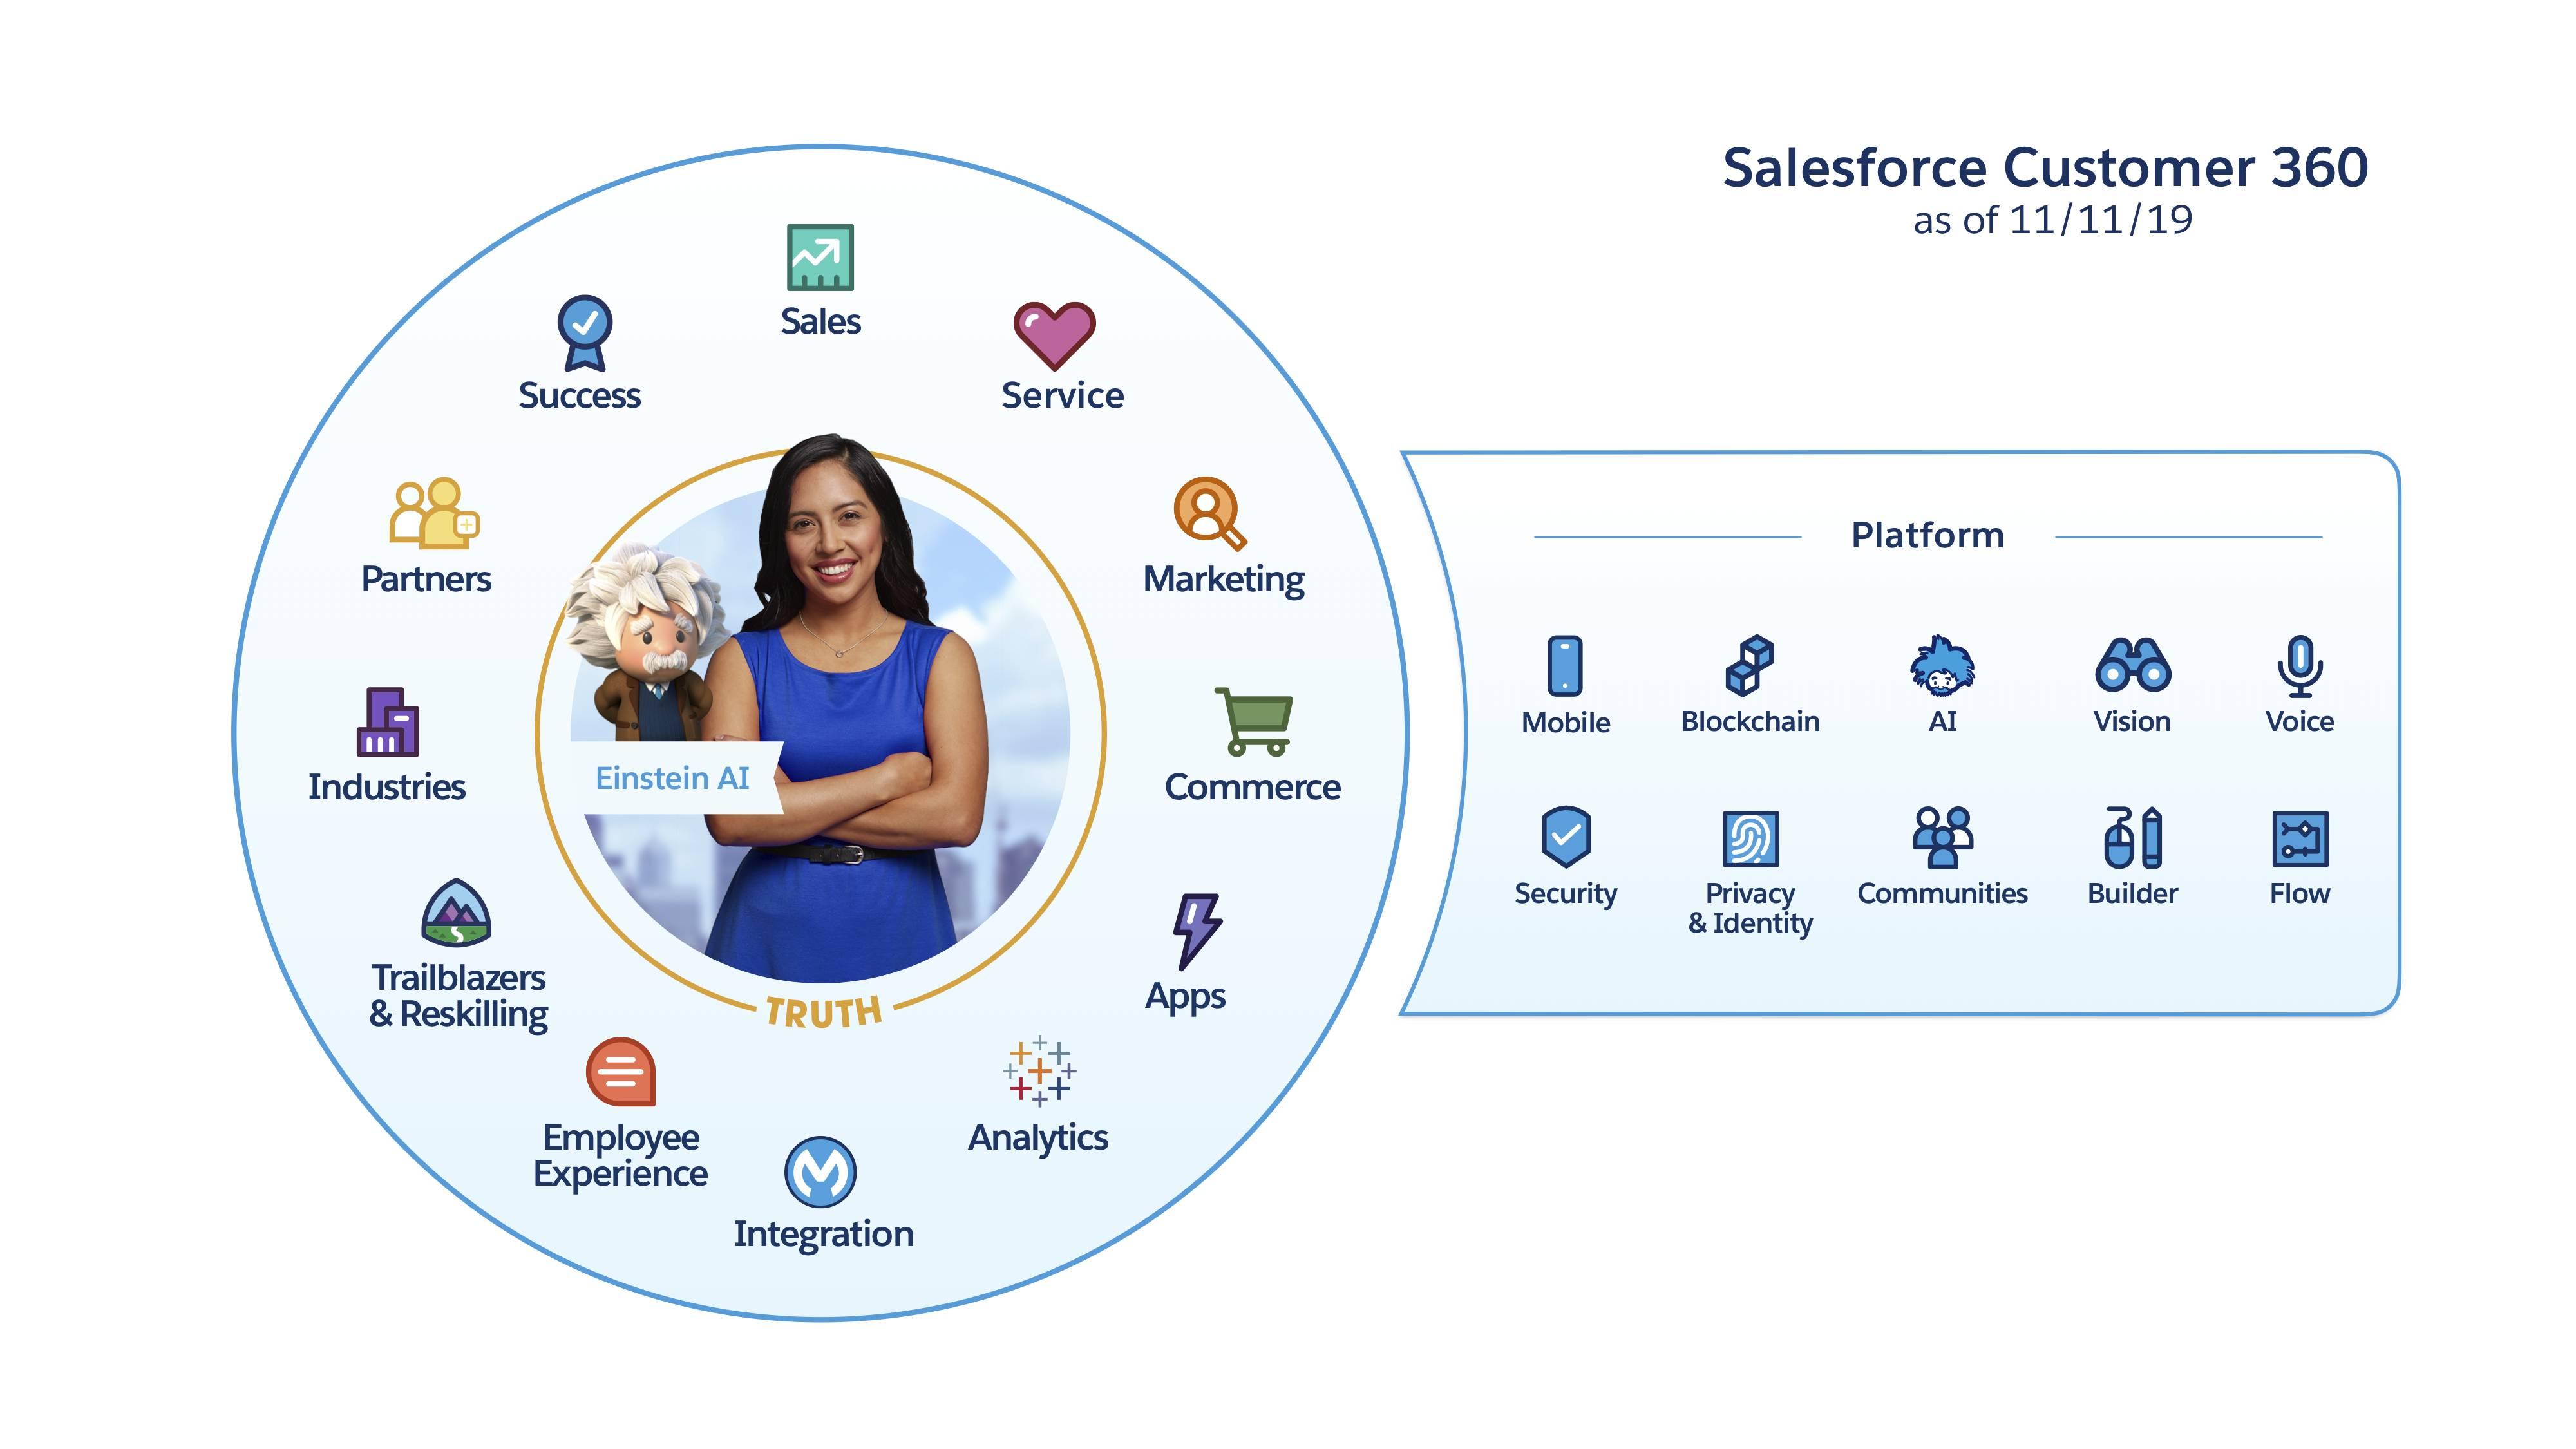 Salesforce Customer360comprend un ensemble d'applications, telles que les applications des services commercial, client et marketing, ainsi qu'une plate-forme avec des services intégrés tels que les services de sécurité, mobiles et de technologie vocale.